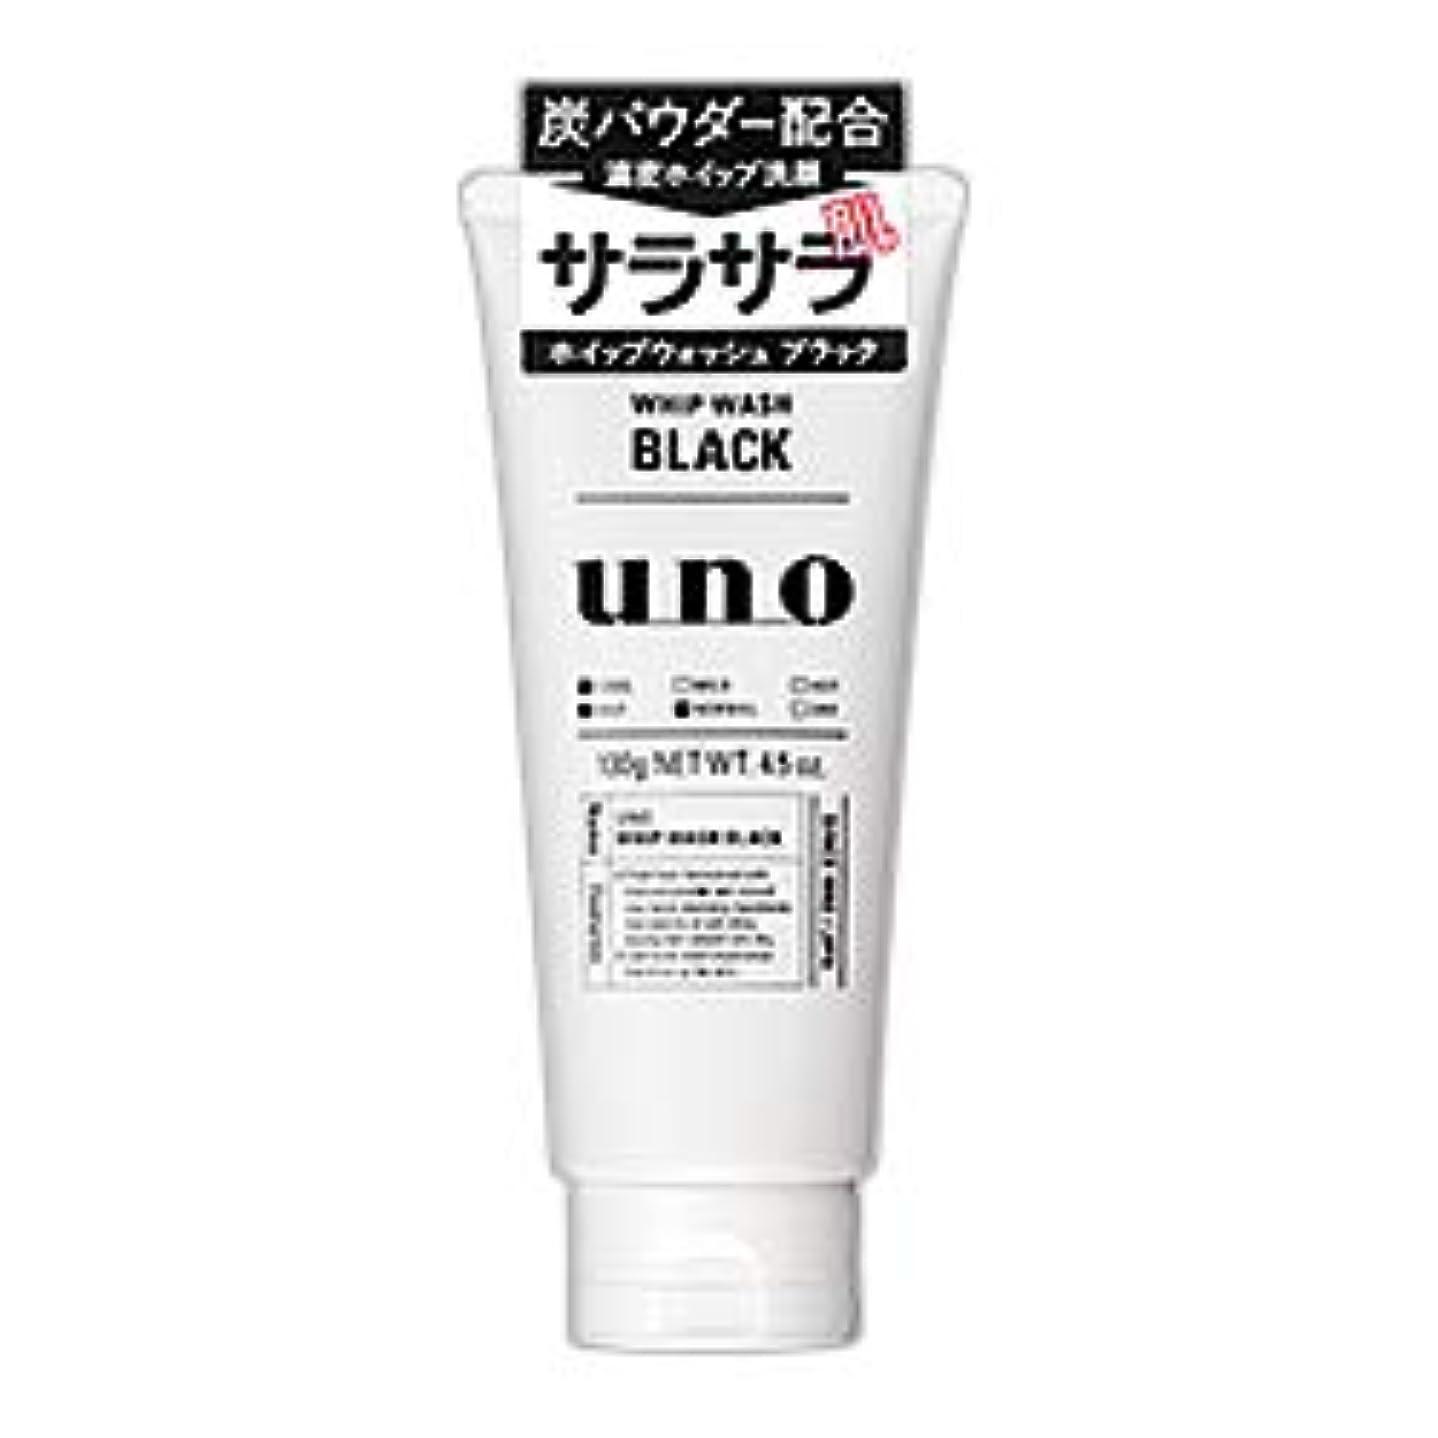 おもてなし砲兵ブラシ【資生堂】ウーノ(uno) ホイップウォッシュ (ブラック) 130g ×2個